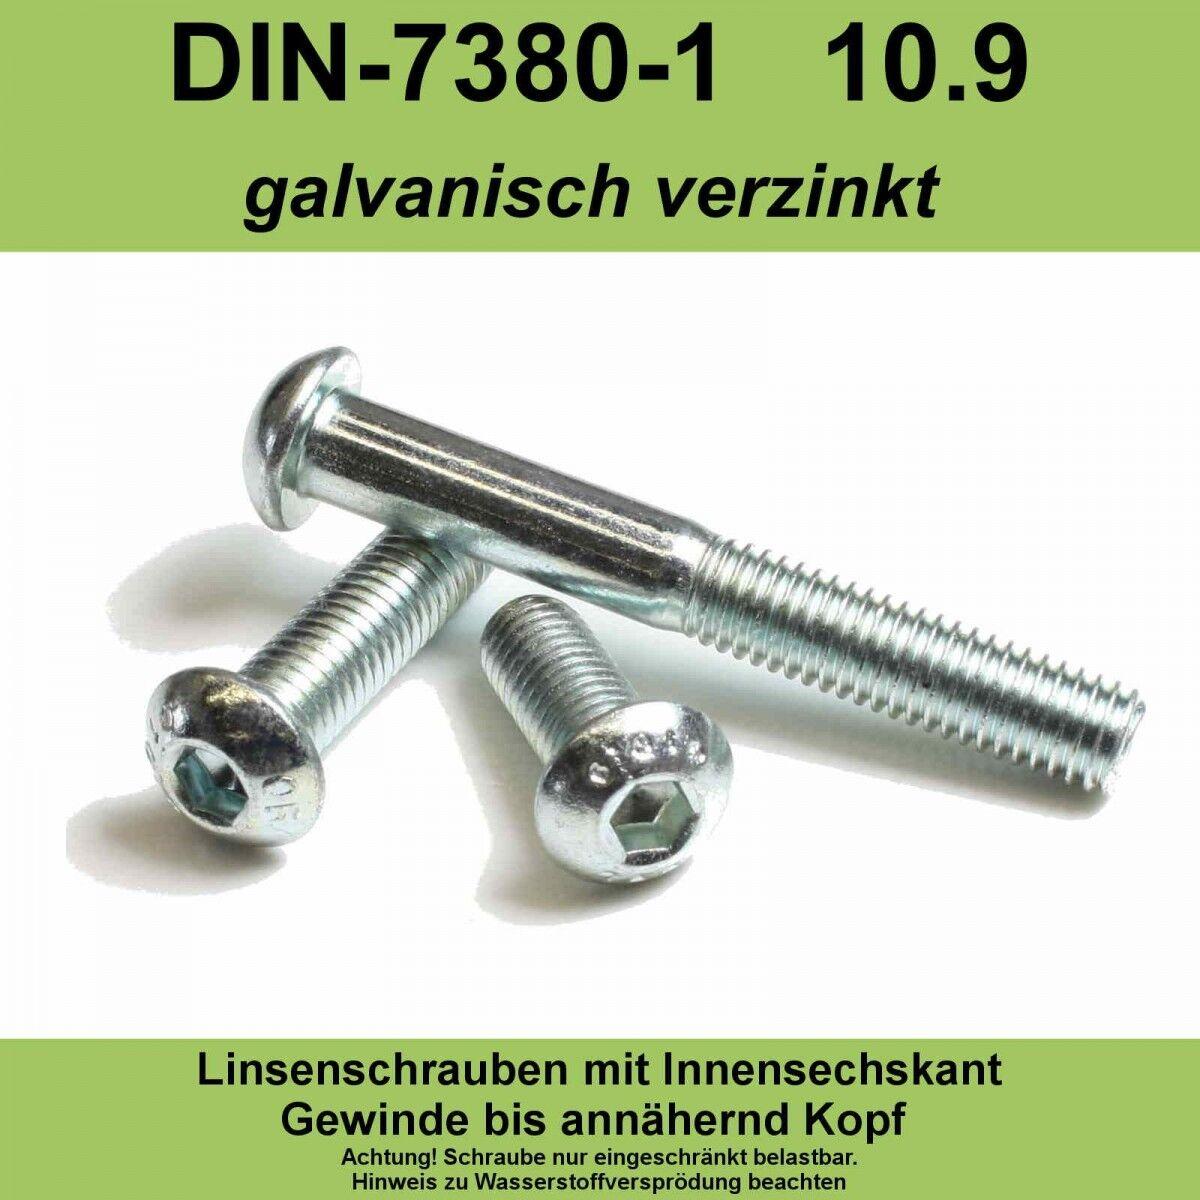 M16 ISO 7380-1 10.9 verzinkte Linsenschrauben Innensechskant Linsenkopf vz M16x